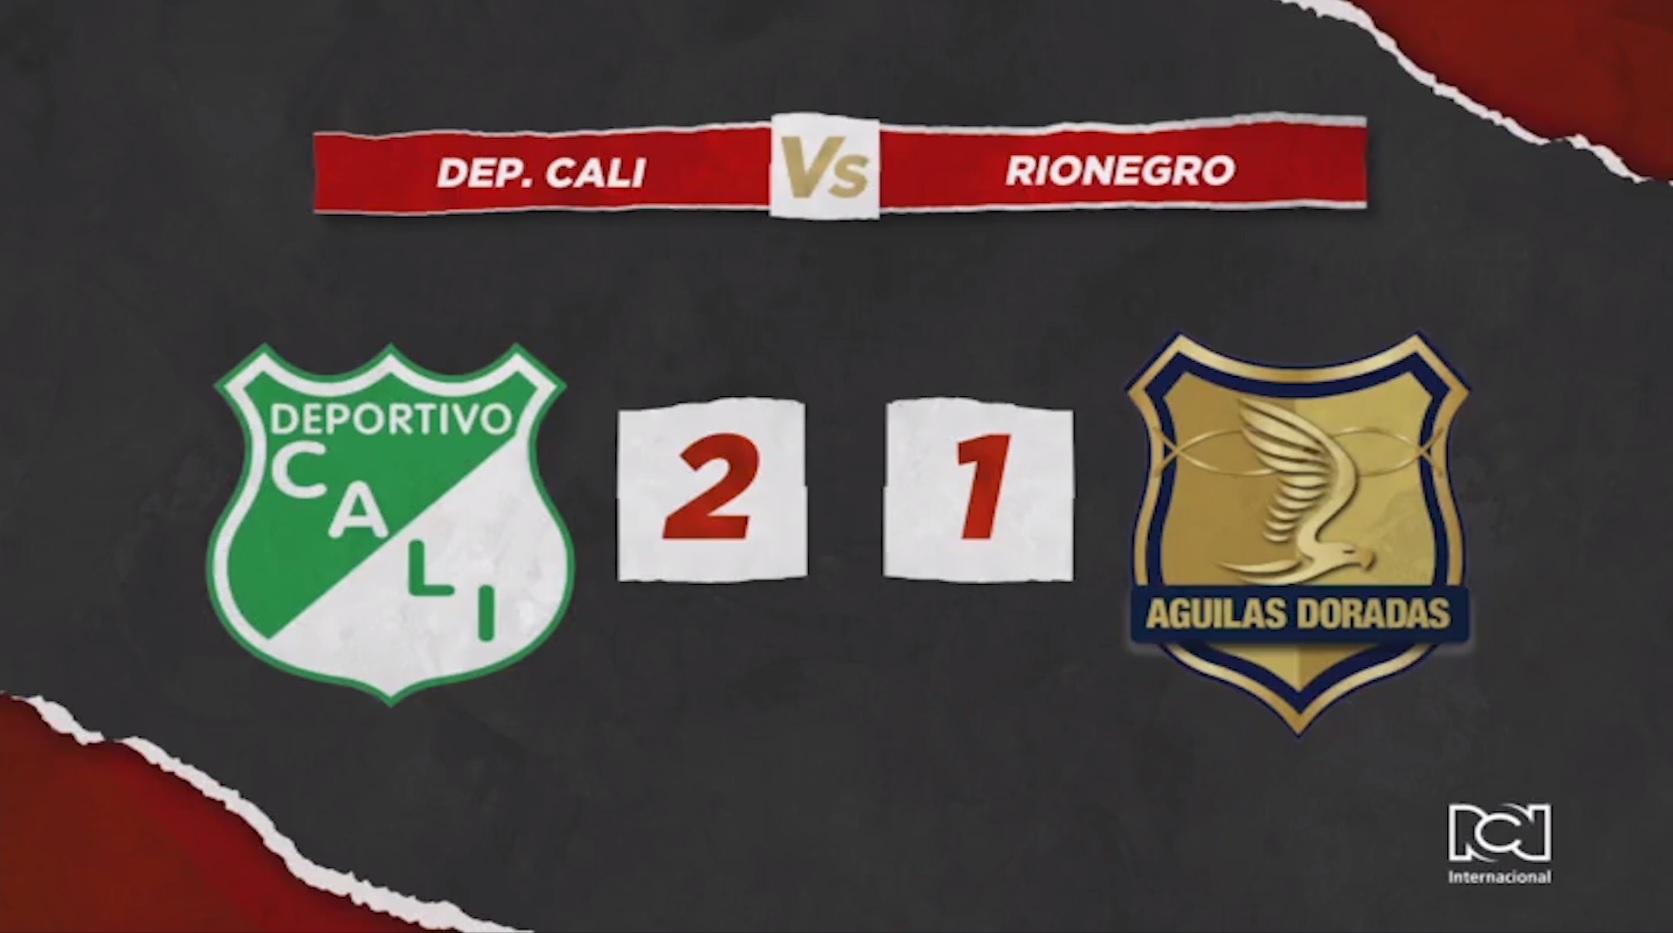 cali-vs-rionegro.jpg